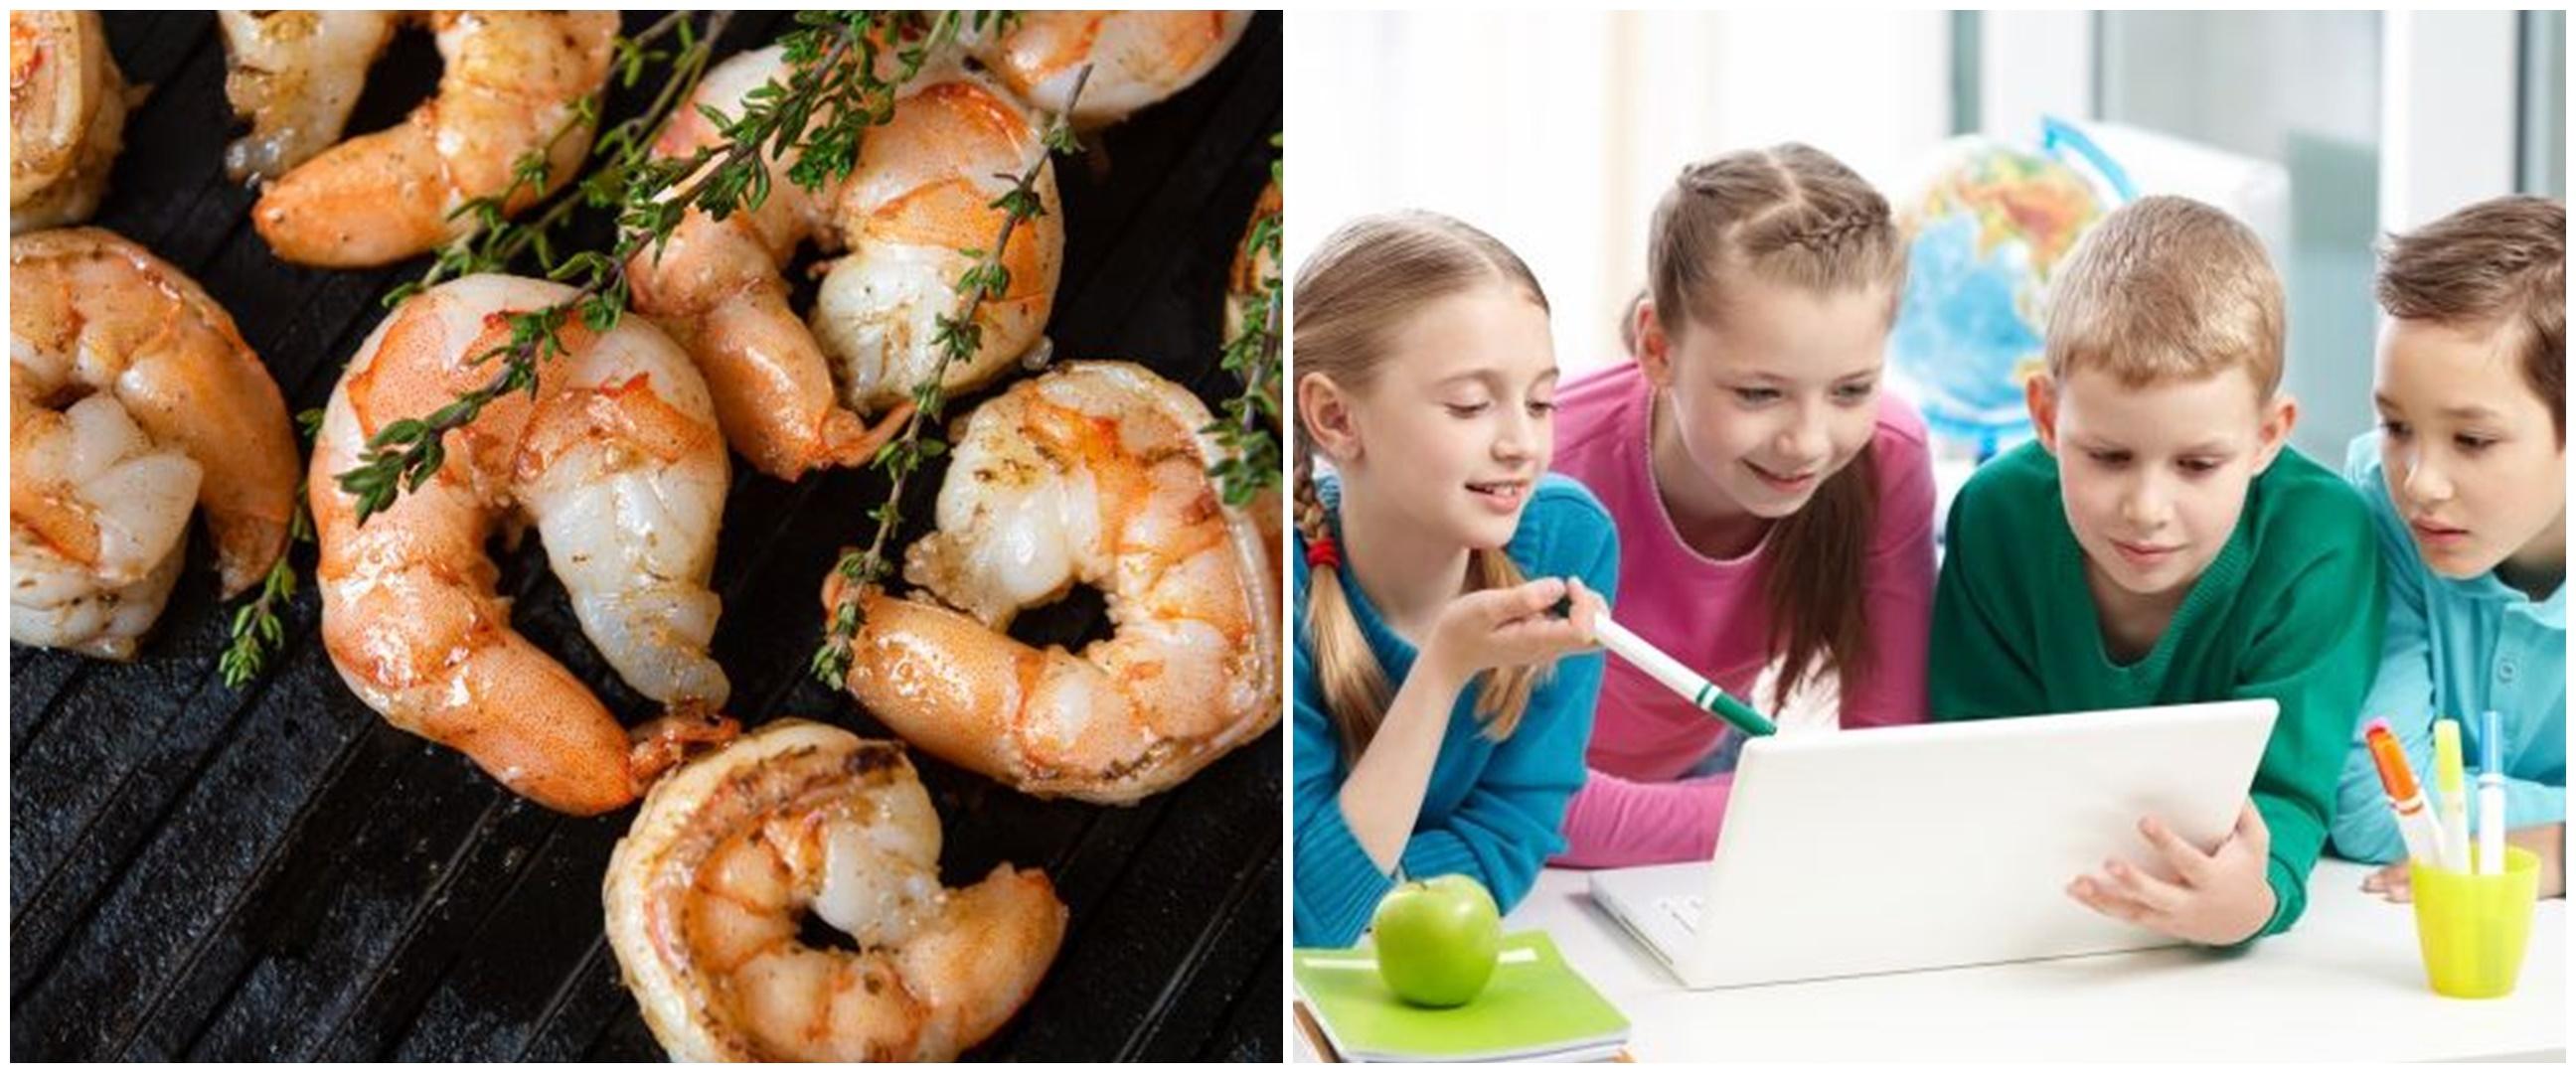 7 Manfaat udang bagi anak, dapat tingkatkan imun tubuh